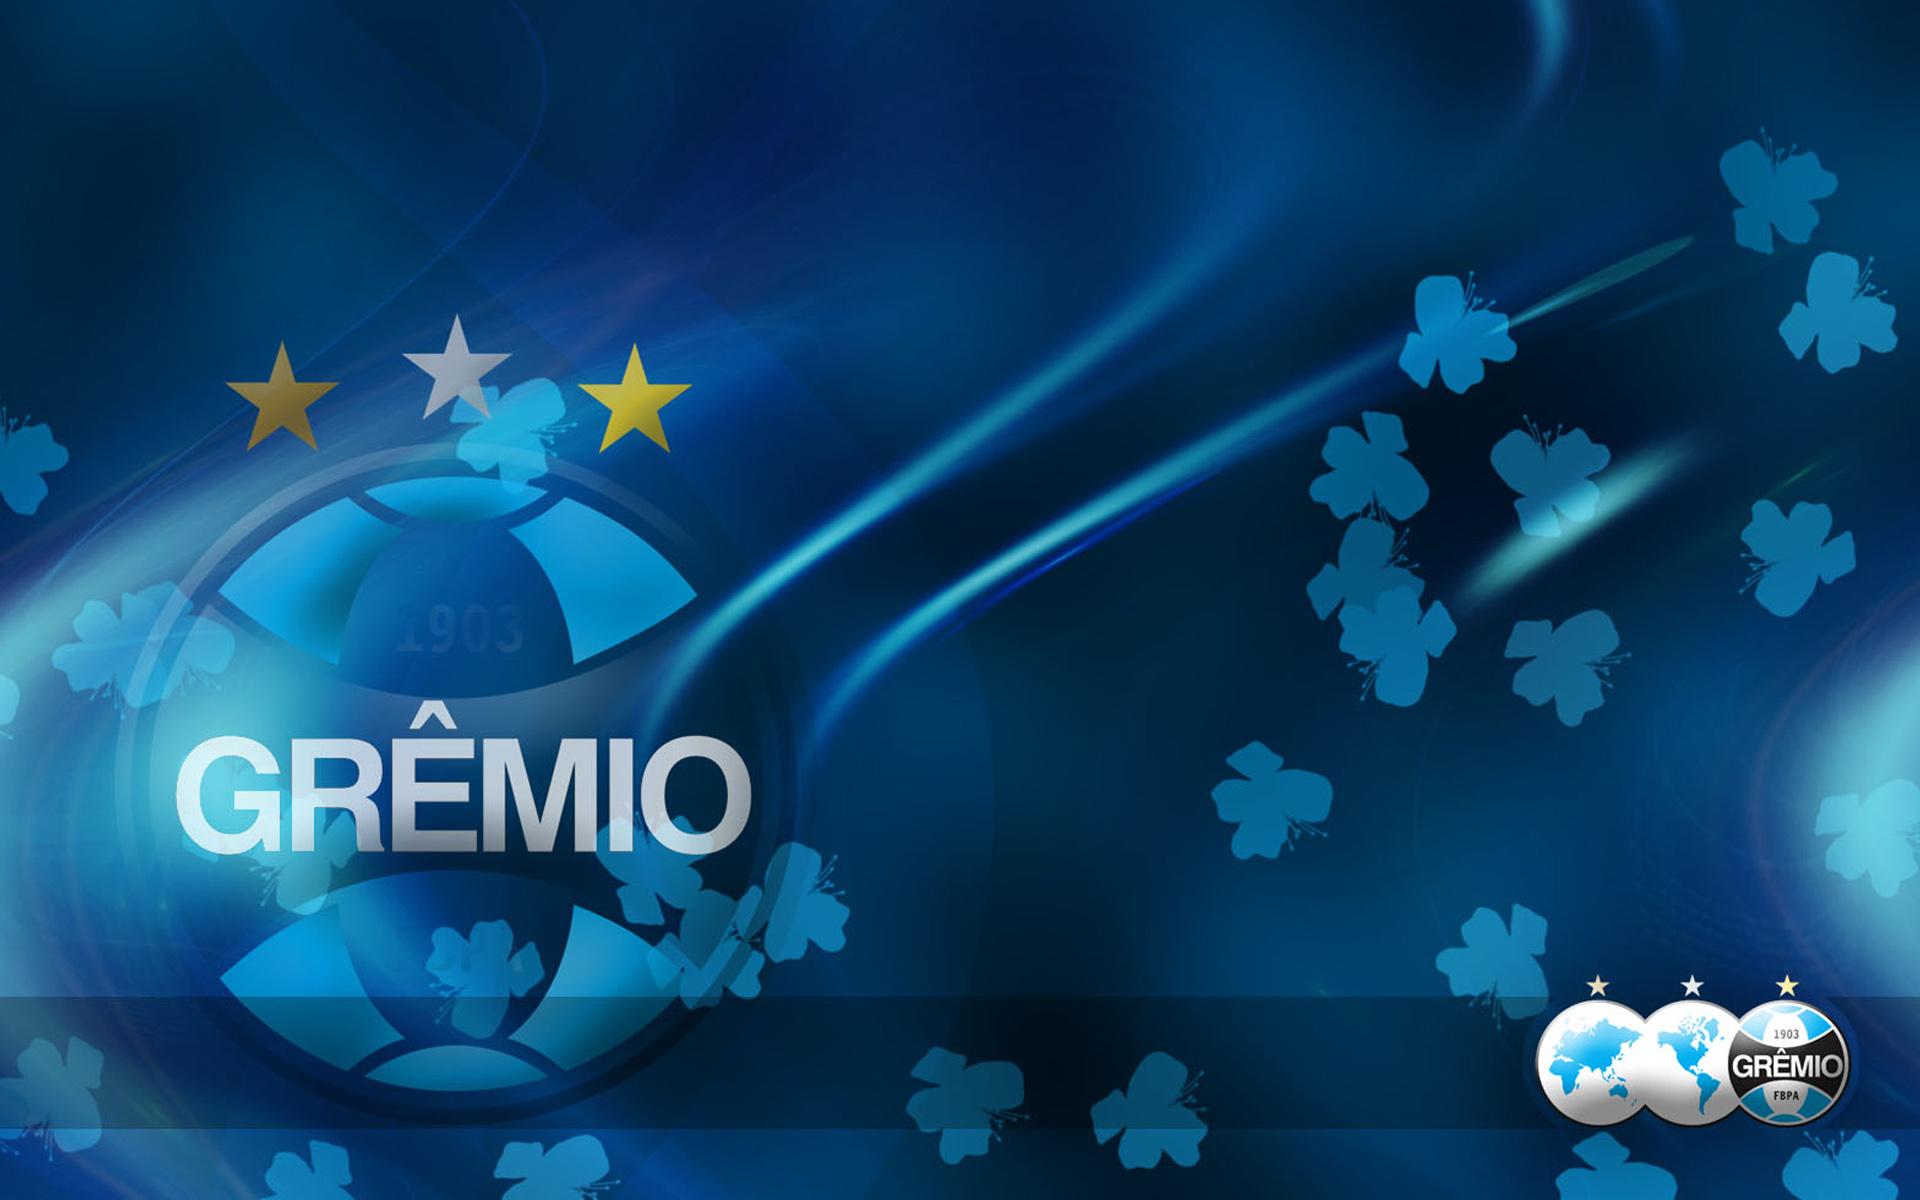 Download wallpapers Gremio FC fan art logo Brazilian Serie A 1920x1200